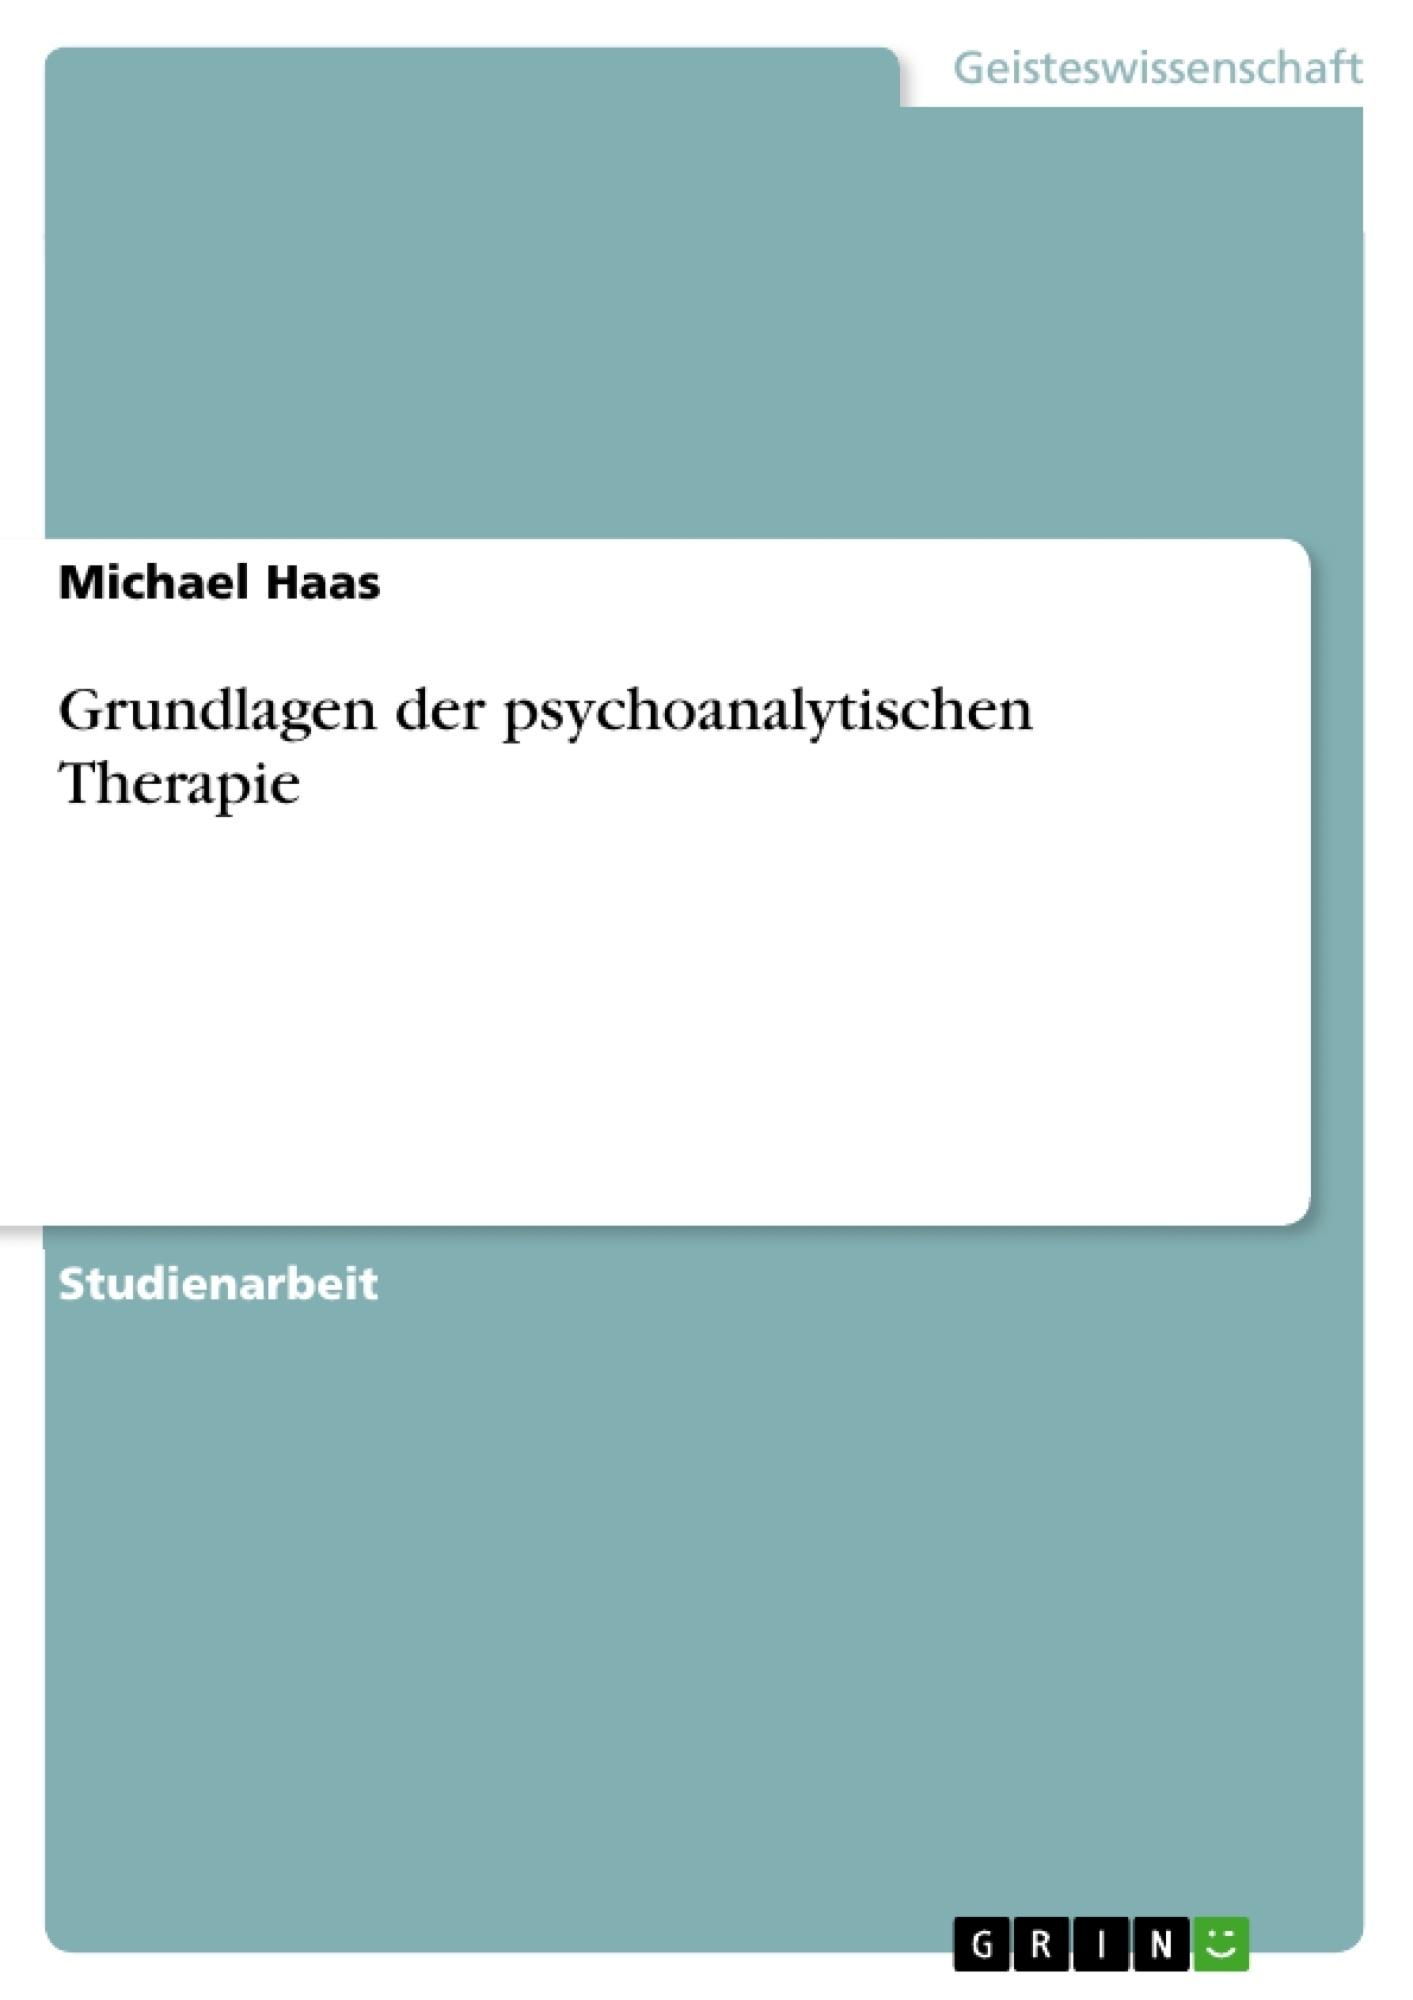 Titel: Grundlagen der psychoanalytischen Therapie